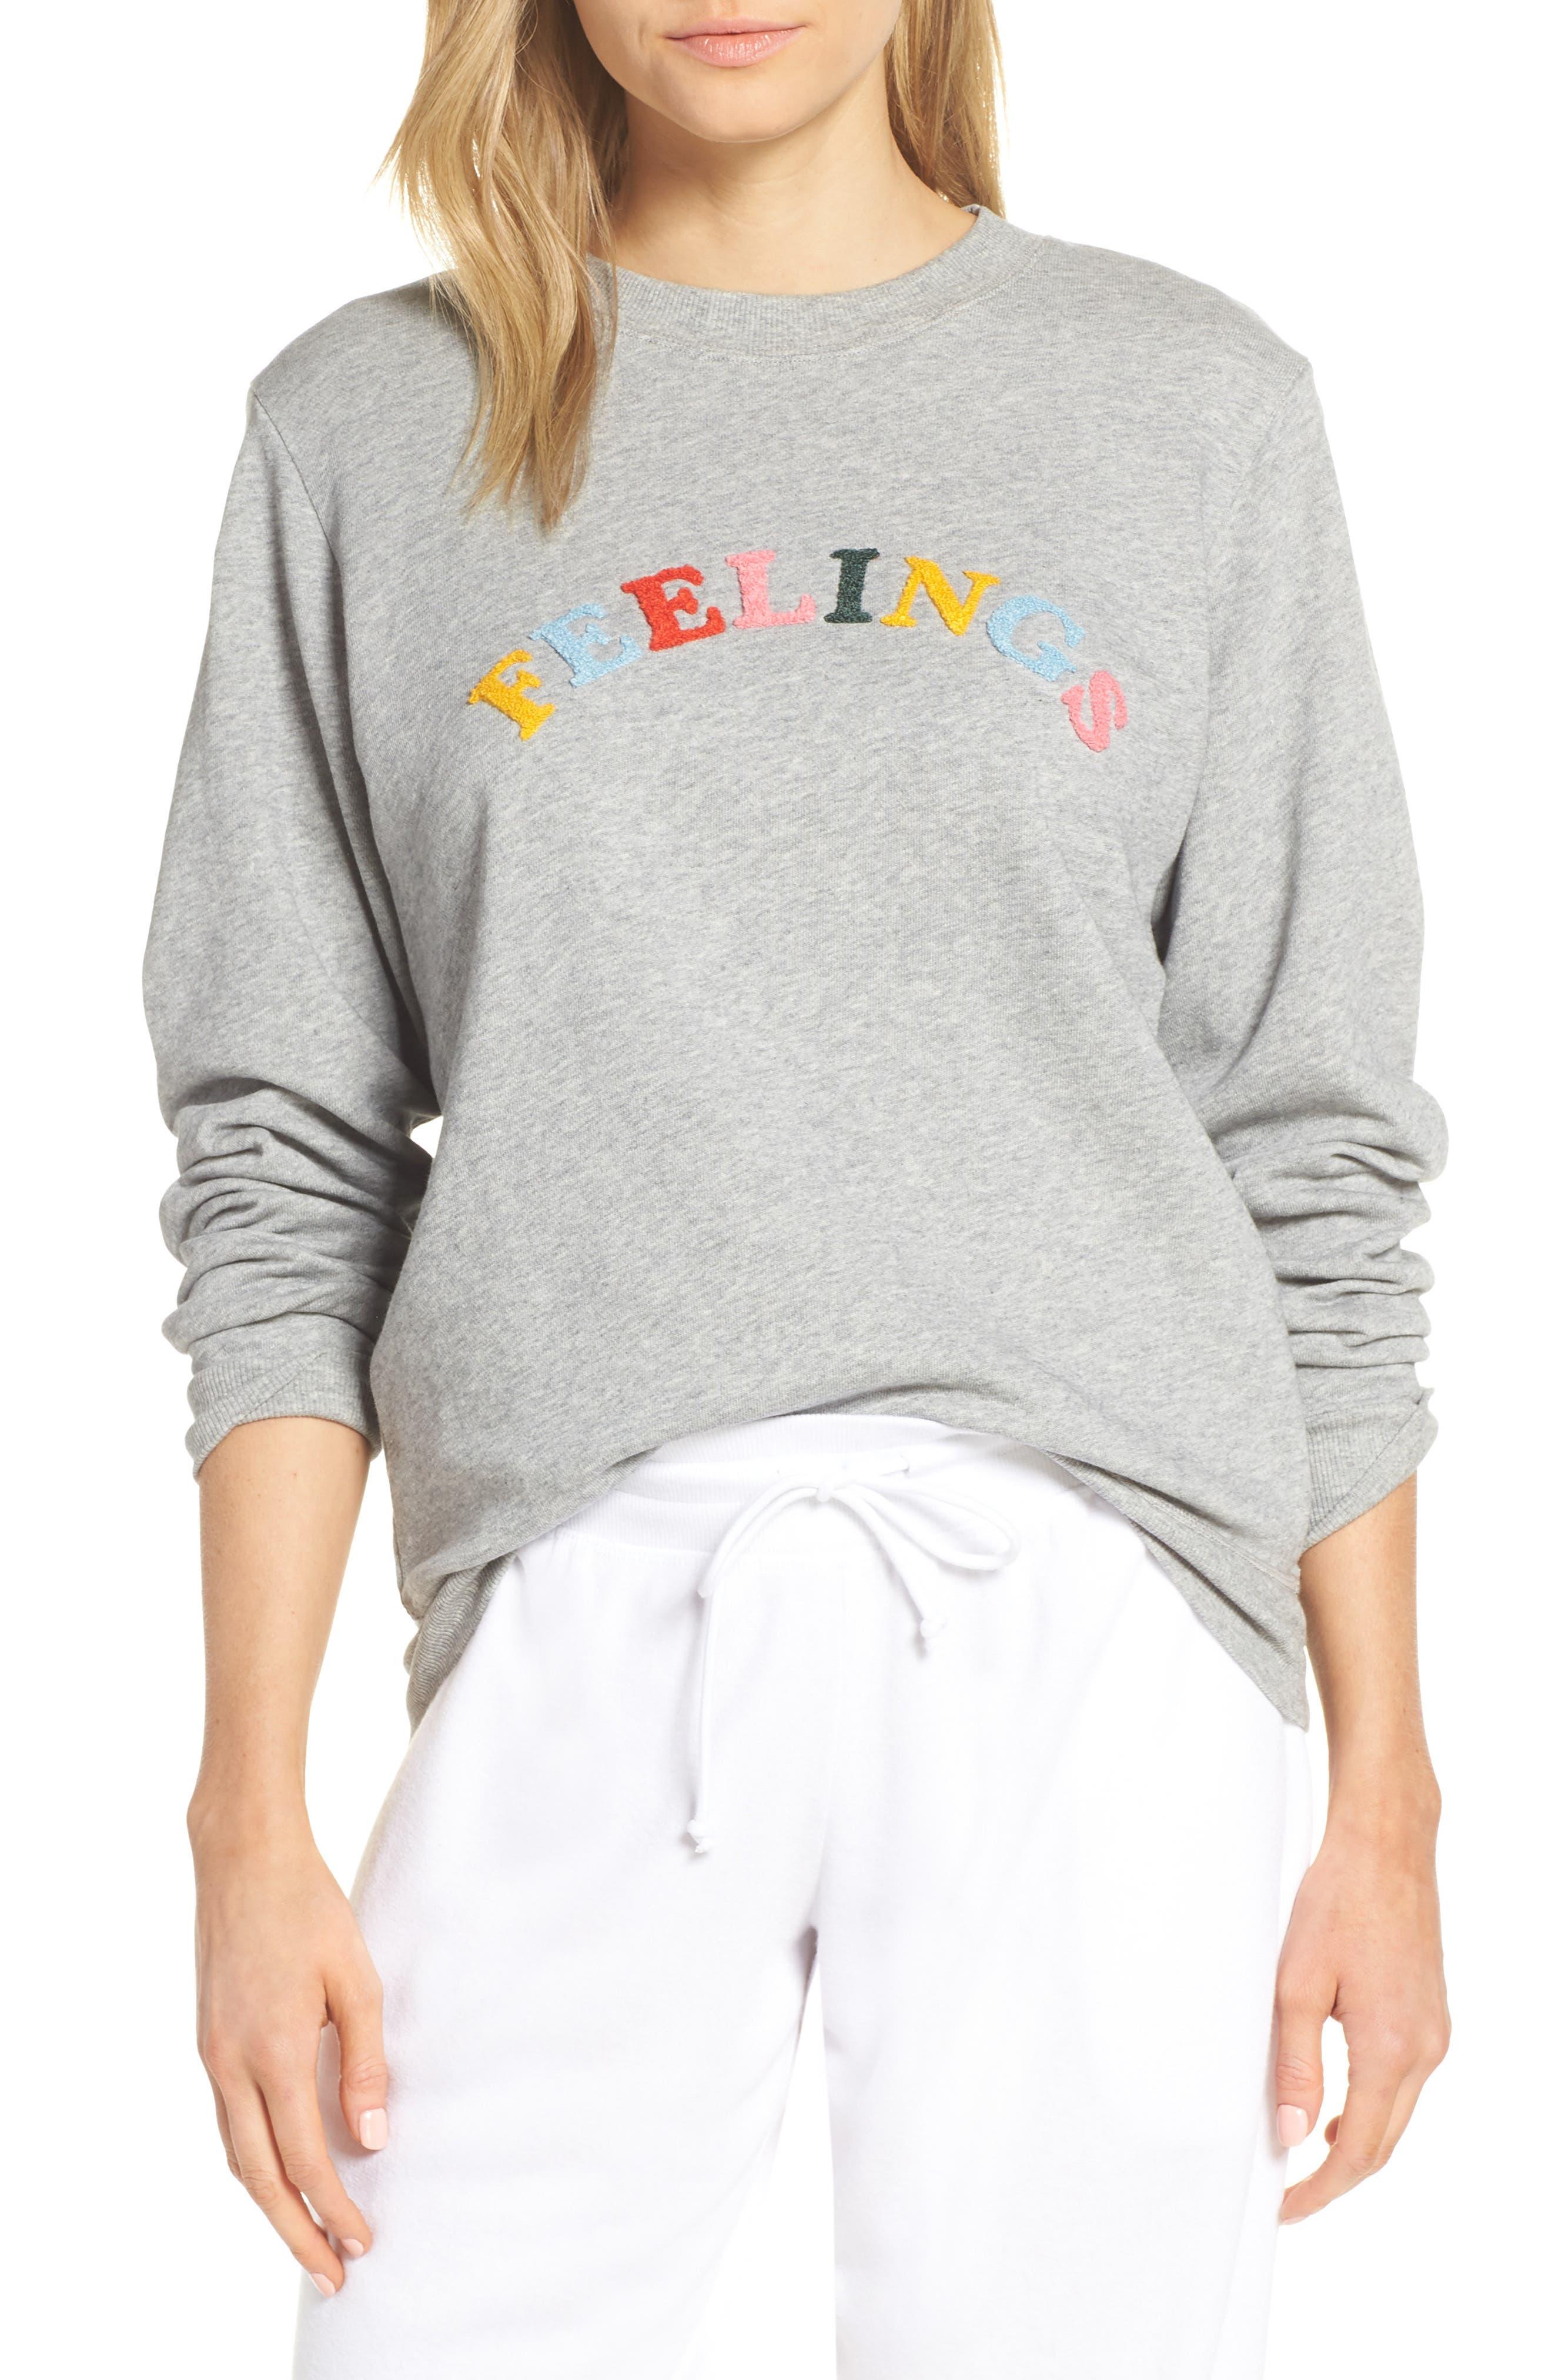 Ban. do Feelings Sweatshirt, Grey